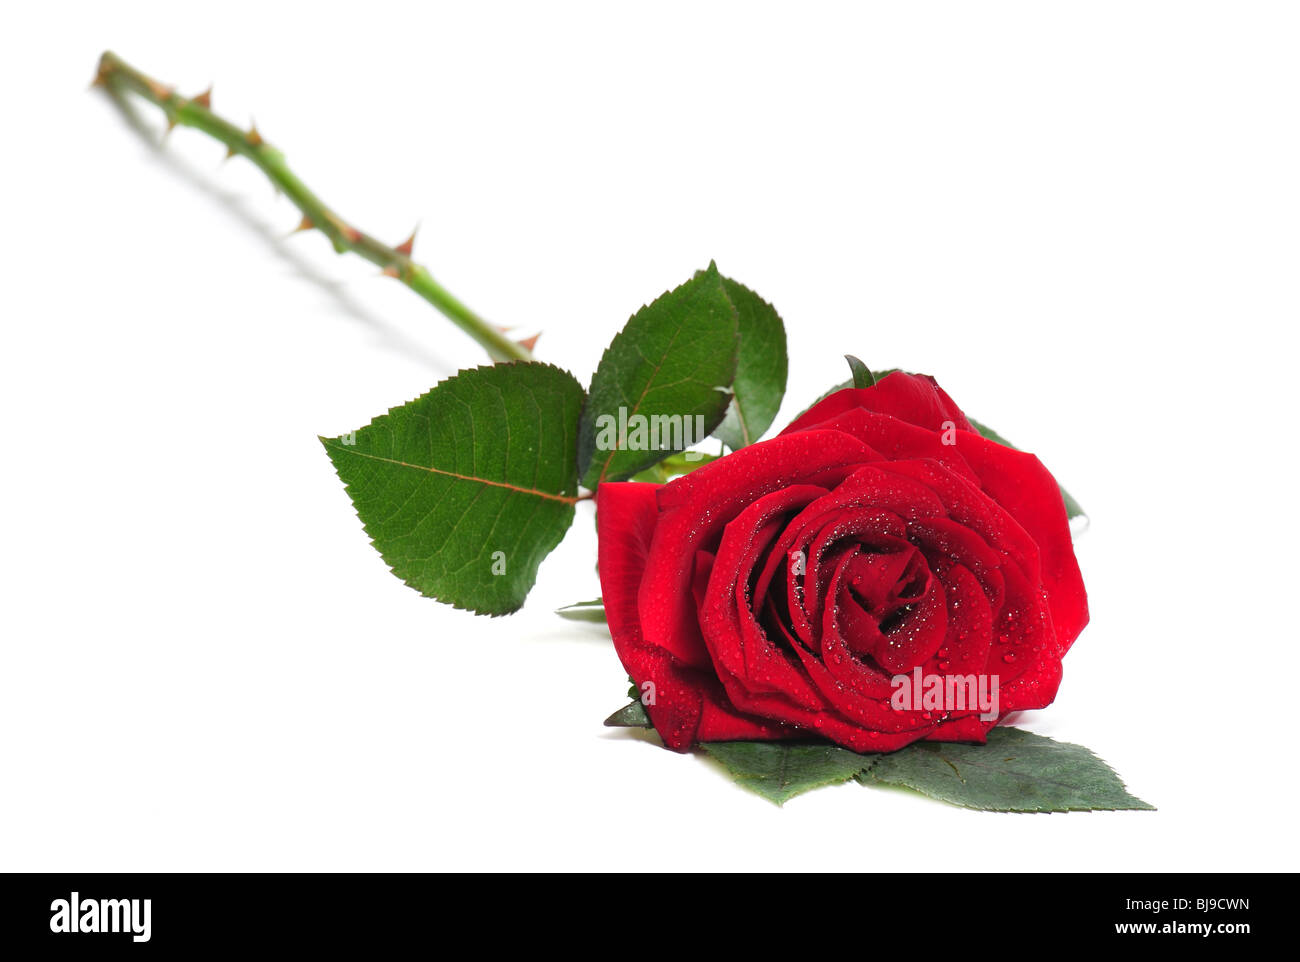 Rose si trova su sfondo bianco Immagini Stock